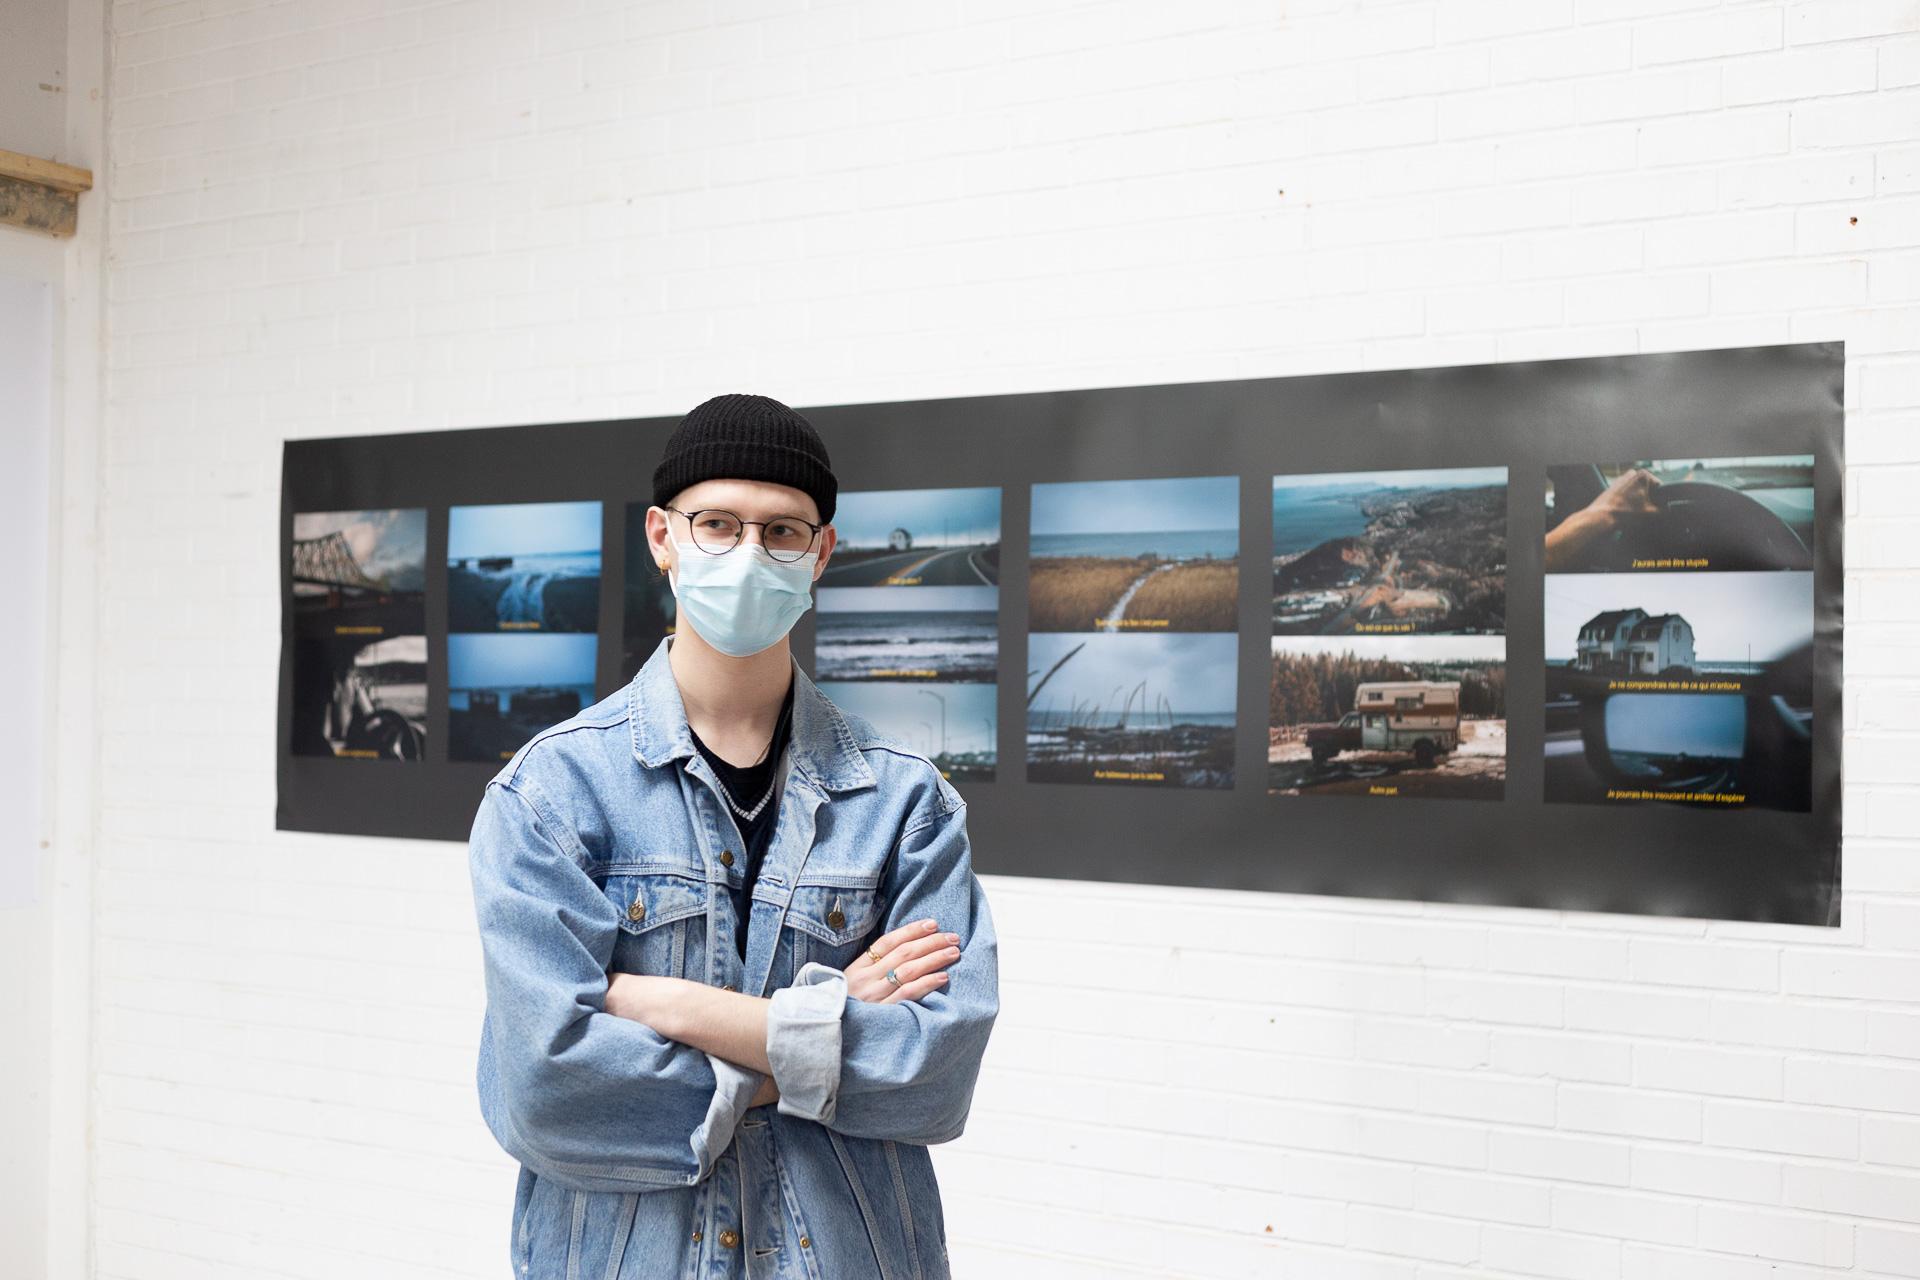 Crédit : Geneviève Thibault. Clément Brochet, l'un des deux étudiants sélectionnés pour une résidence artistique à Salon58 prévue début octobre. <br />